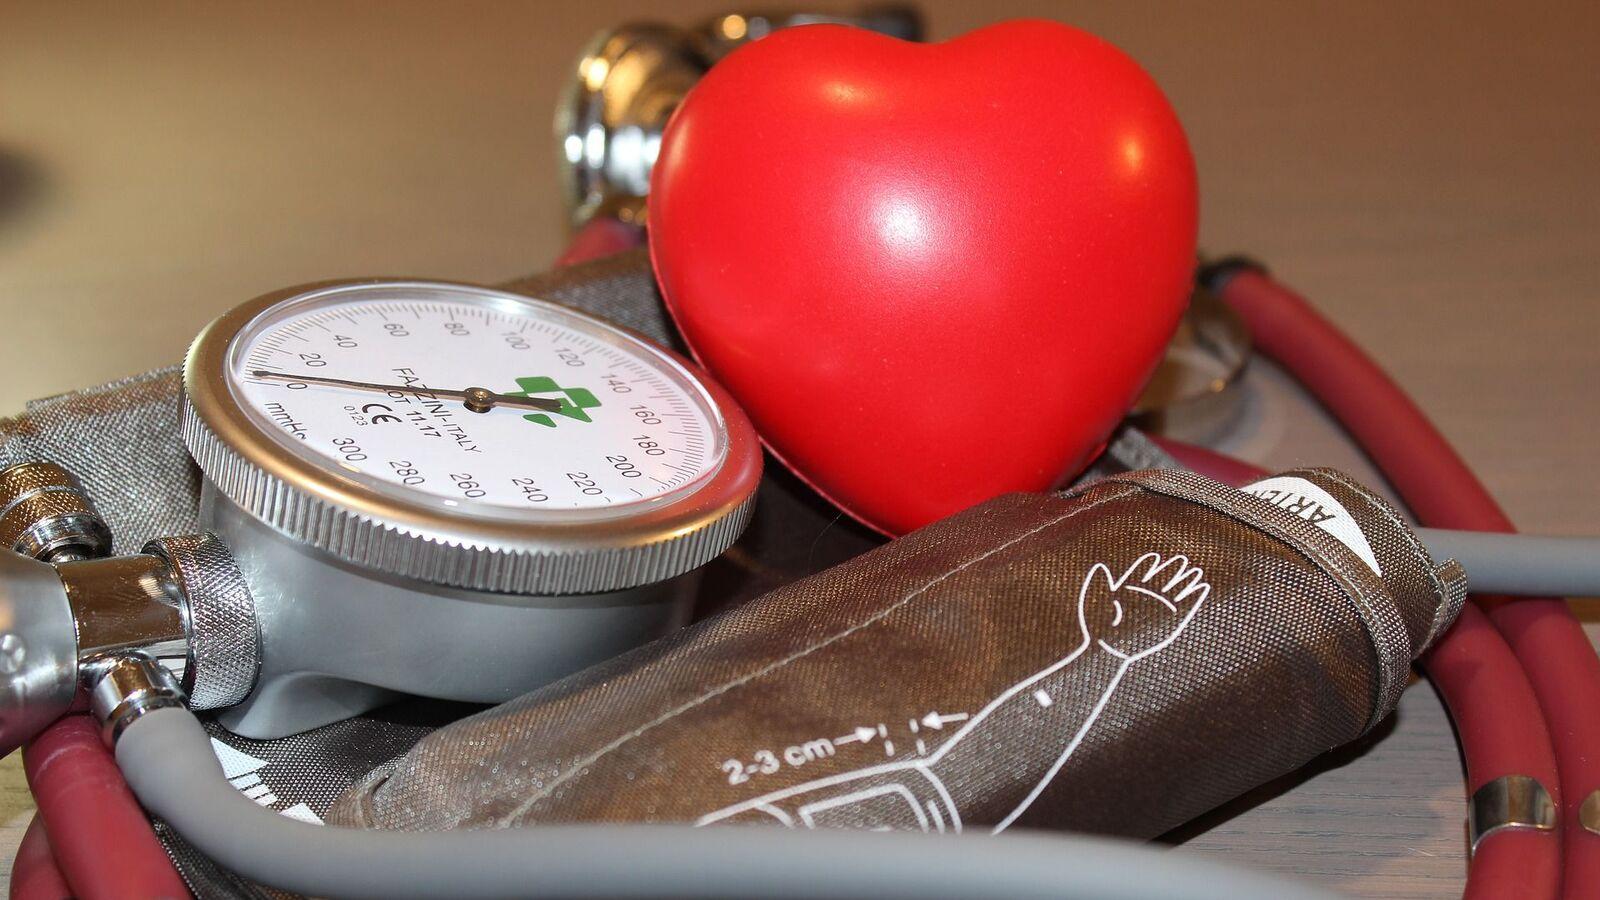 Sugieren vínculo entre el ritmo cardíaco y la esperanza de vida